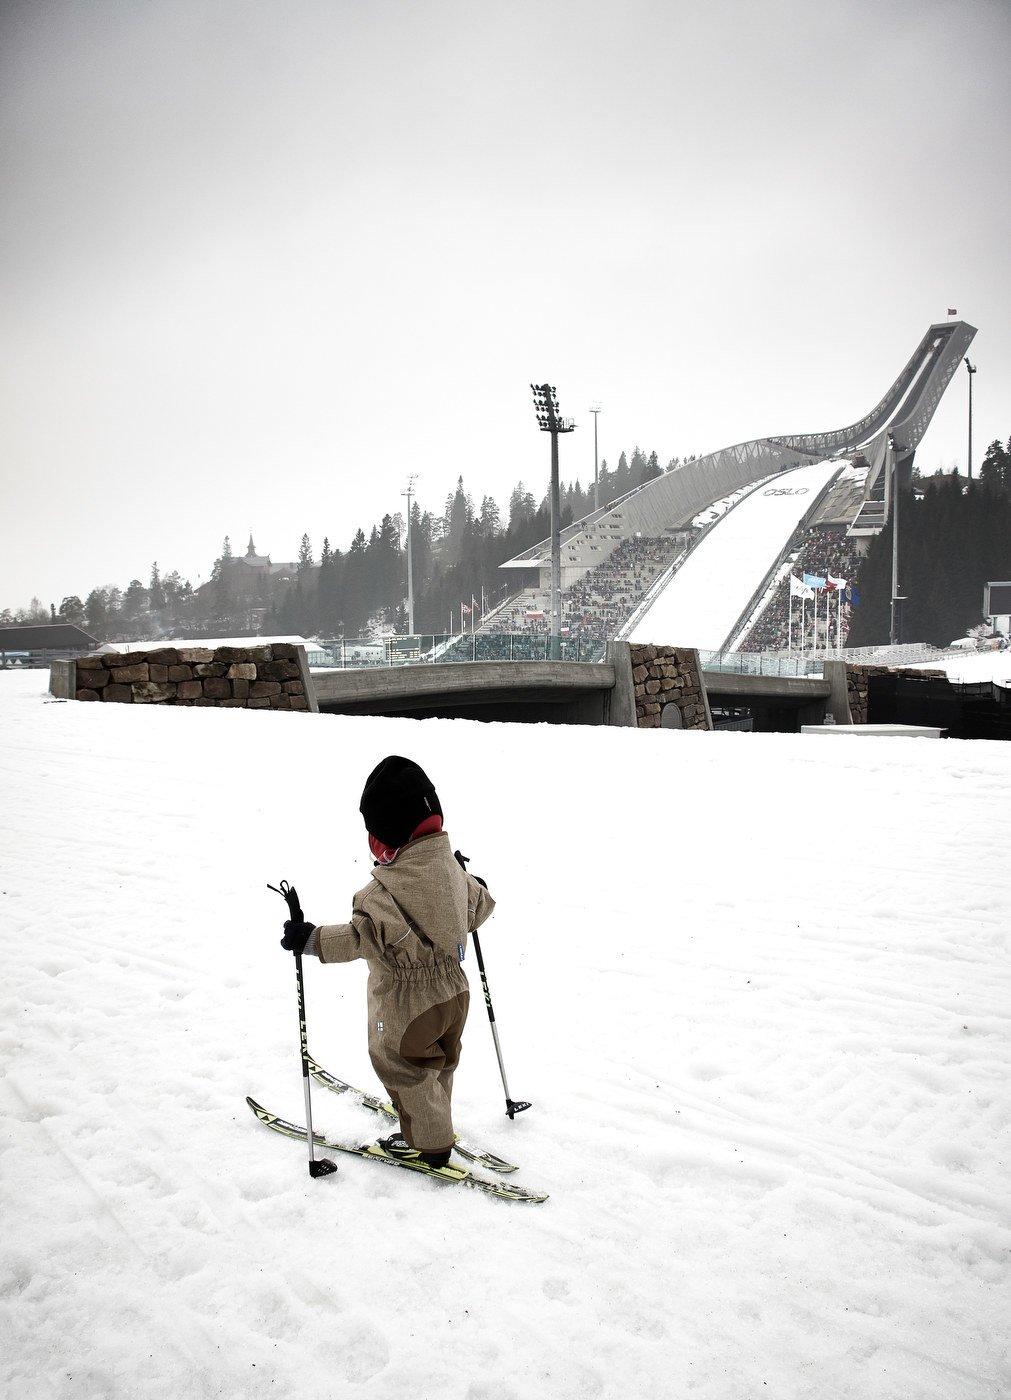 Paula beim Langlaufen am Holmenkollen © actuallylove